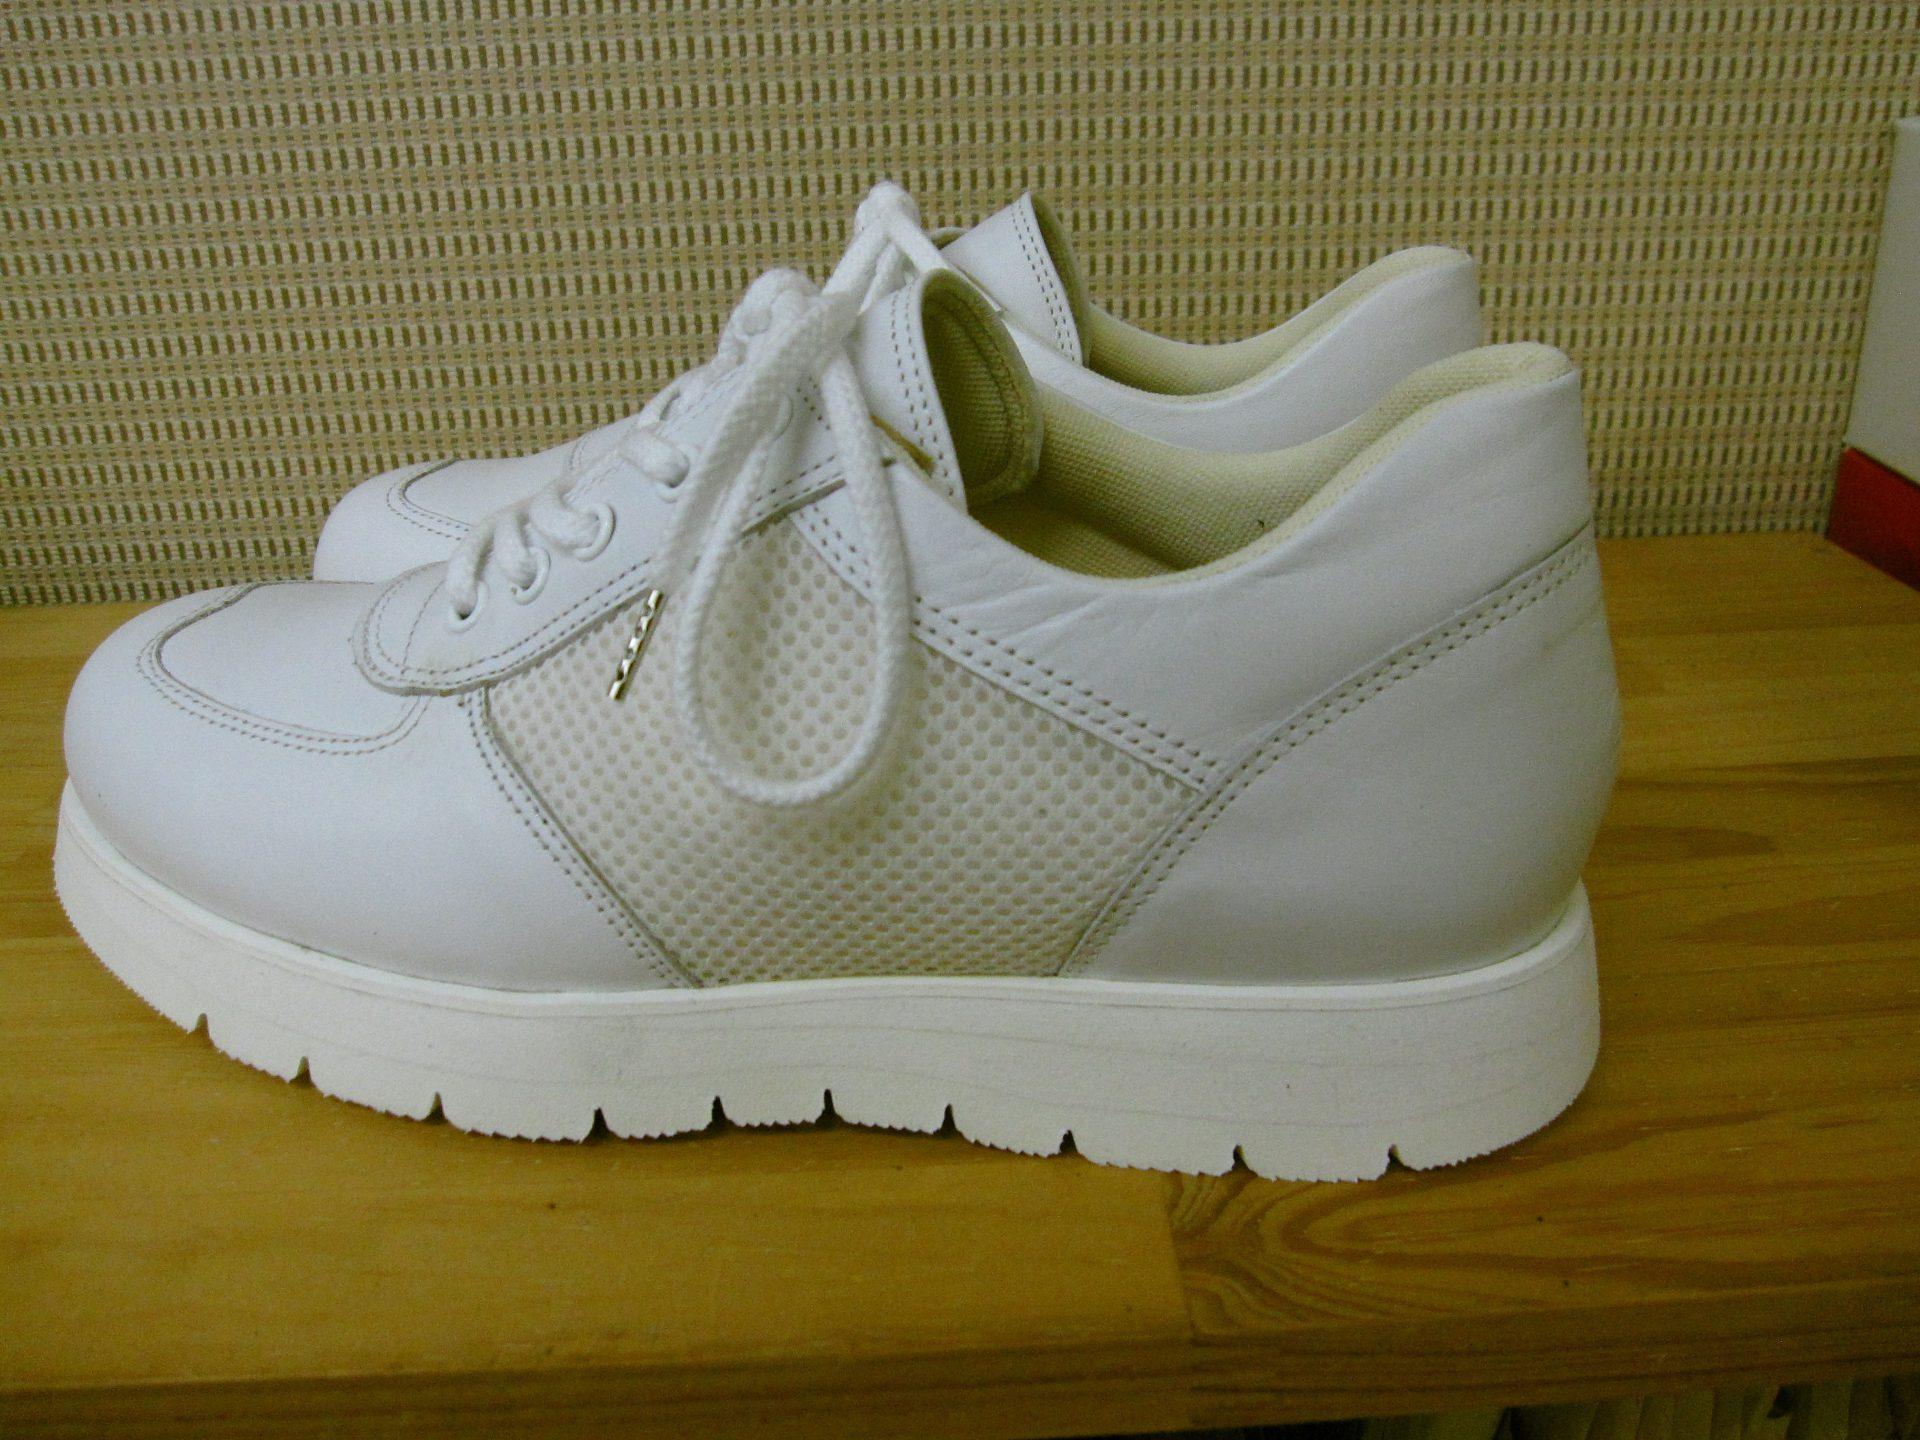 新型コロナウイルスと戦う看護師さんのための足にやさしい靴・オーダーメイドシューズ